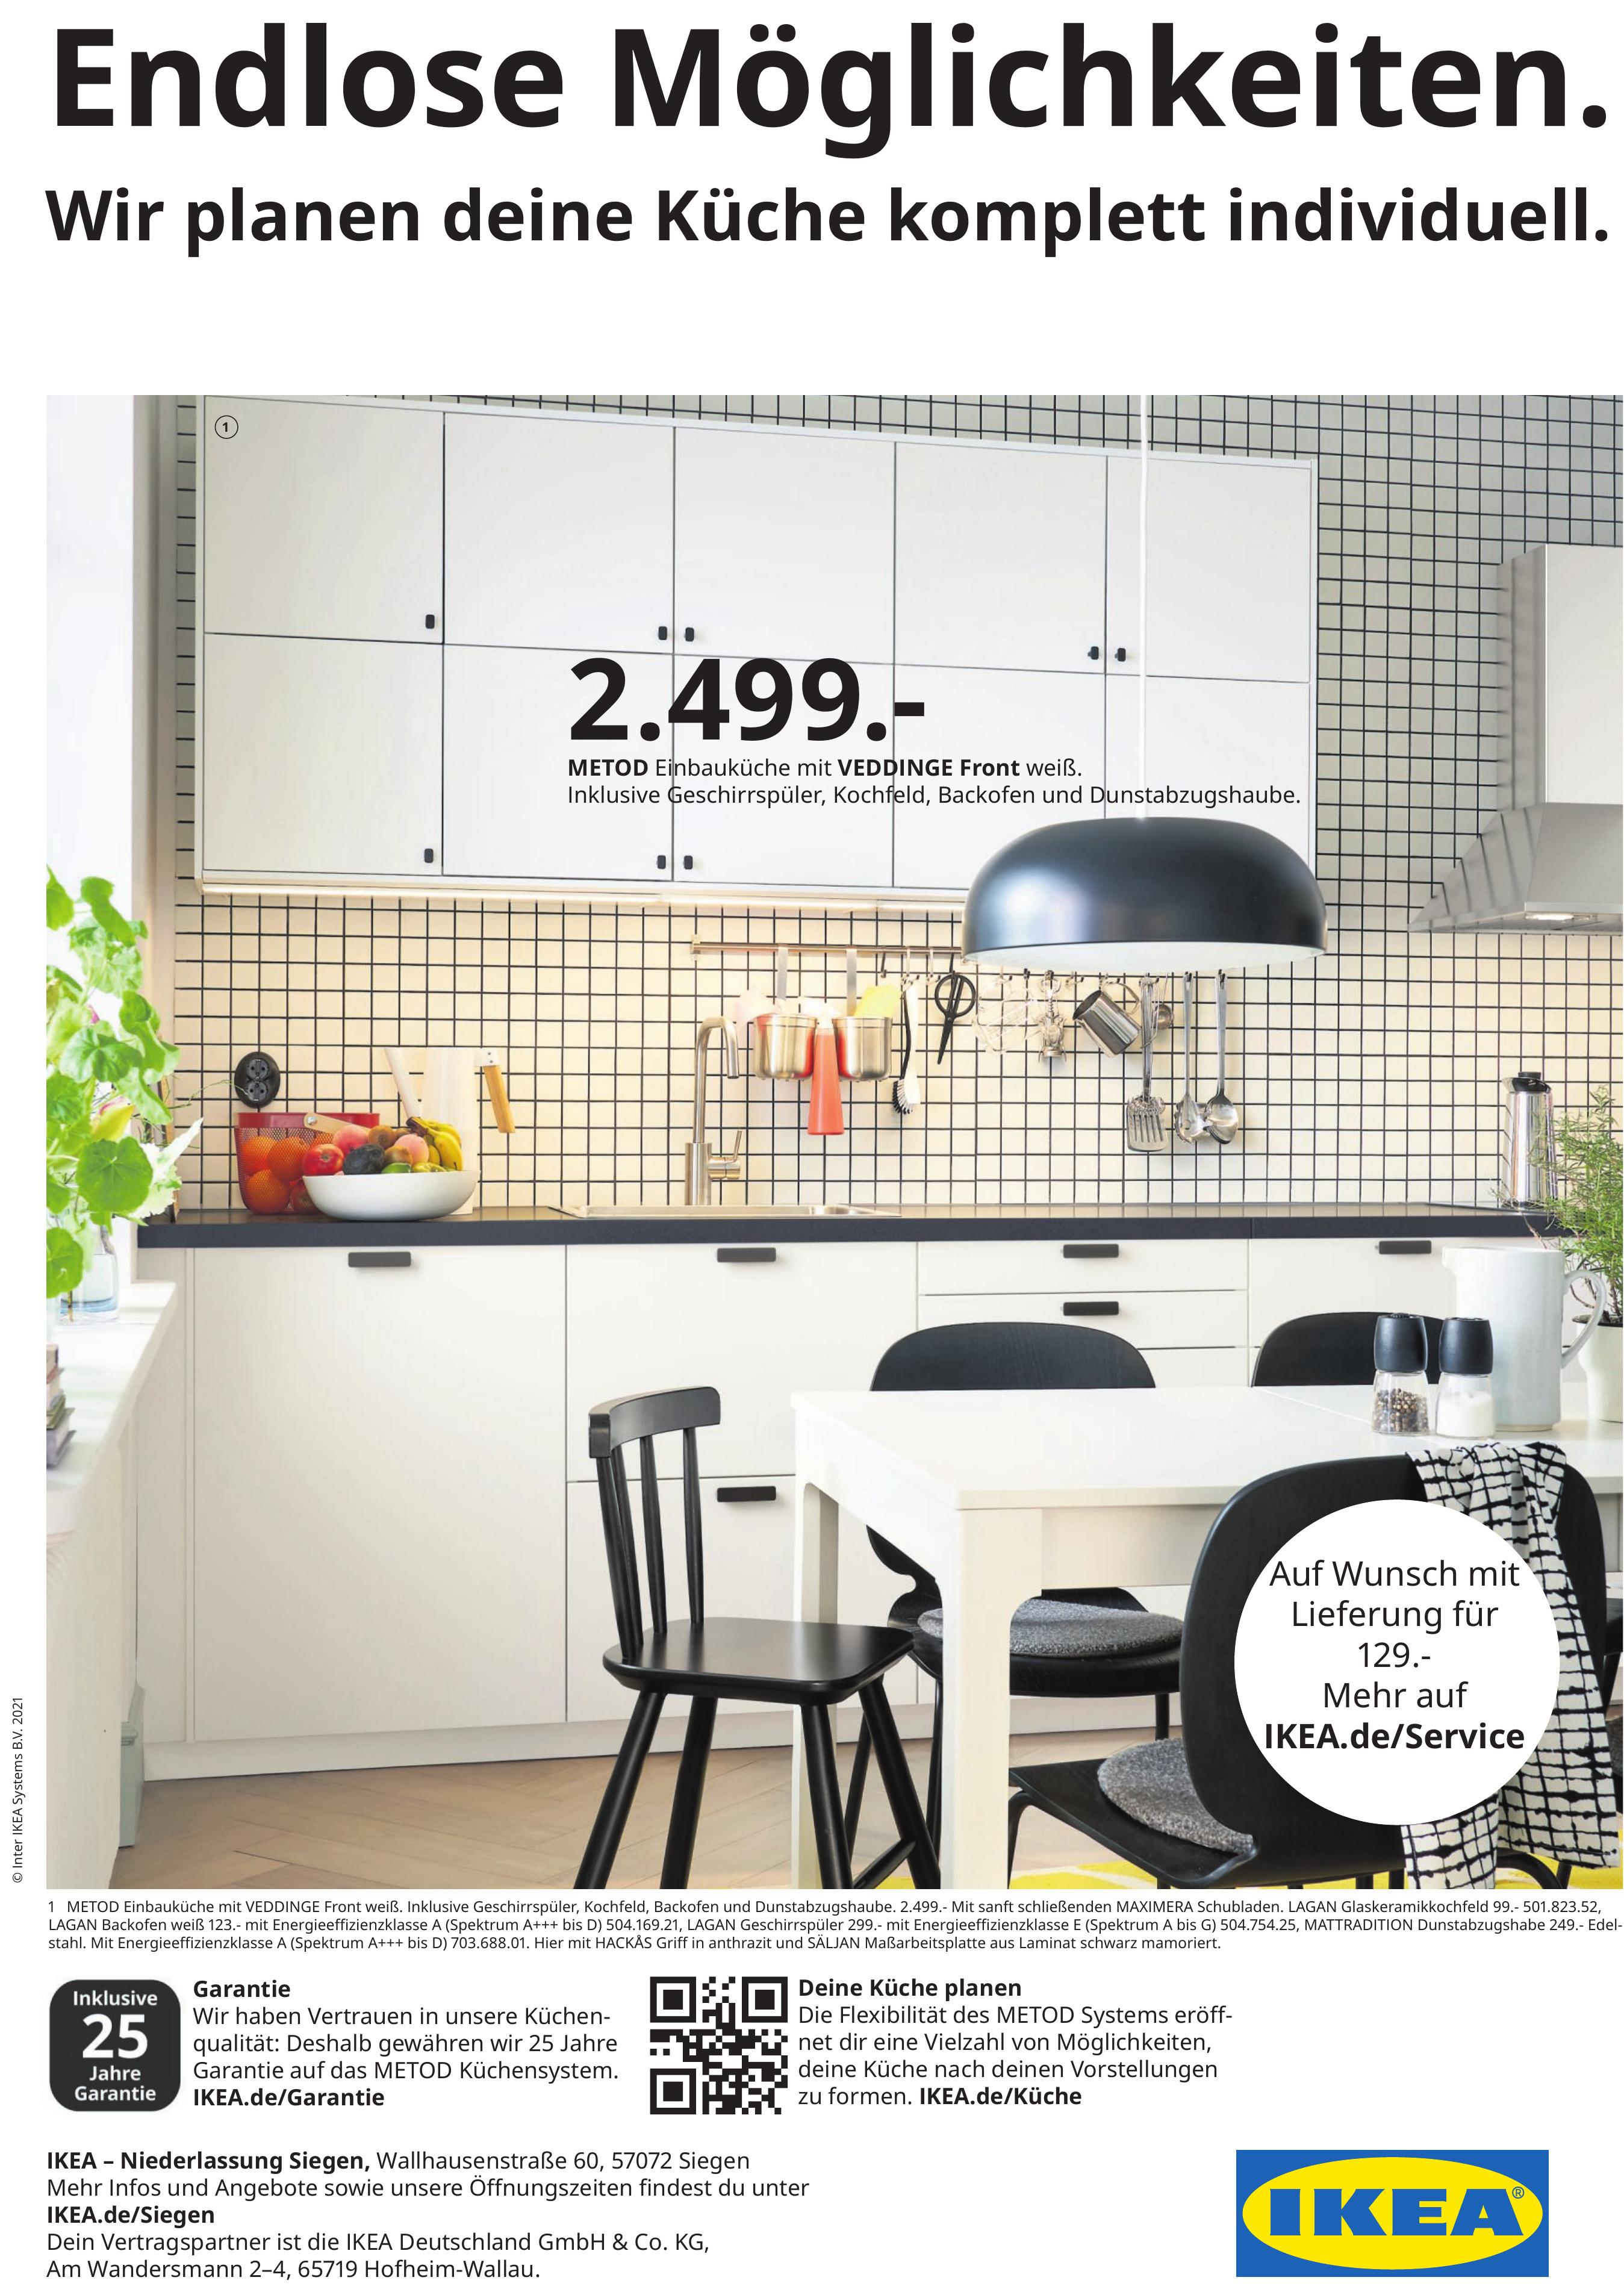 IKEA – Niederlassung Siegen